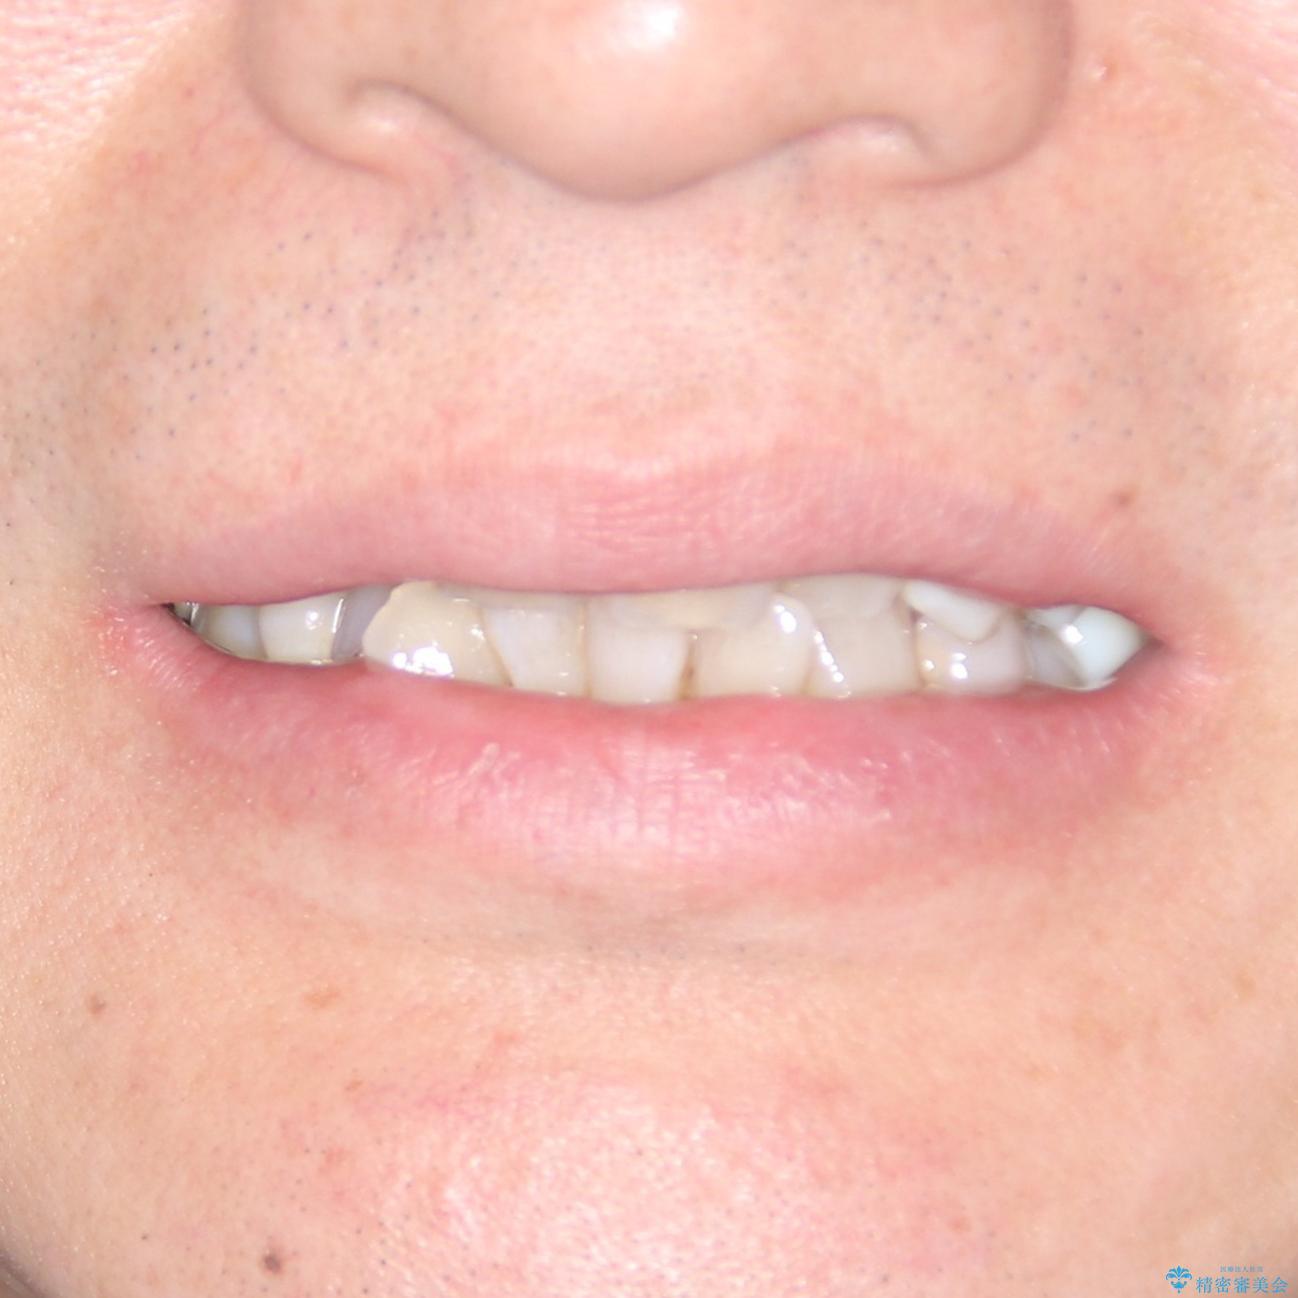 歯並びや奥歯の痛み 色々と治したい 総合歯科診療の治療前(顔貌)